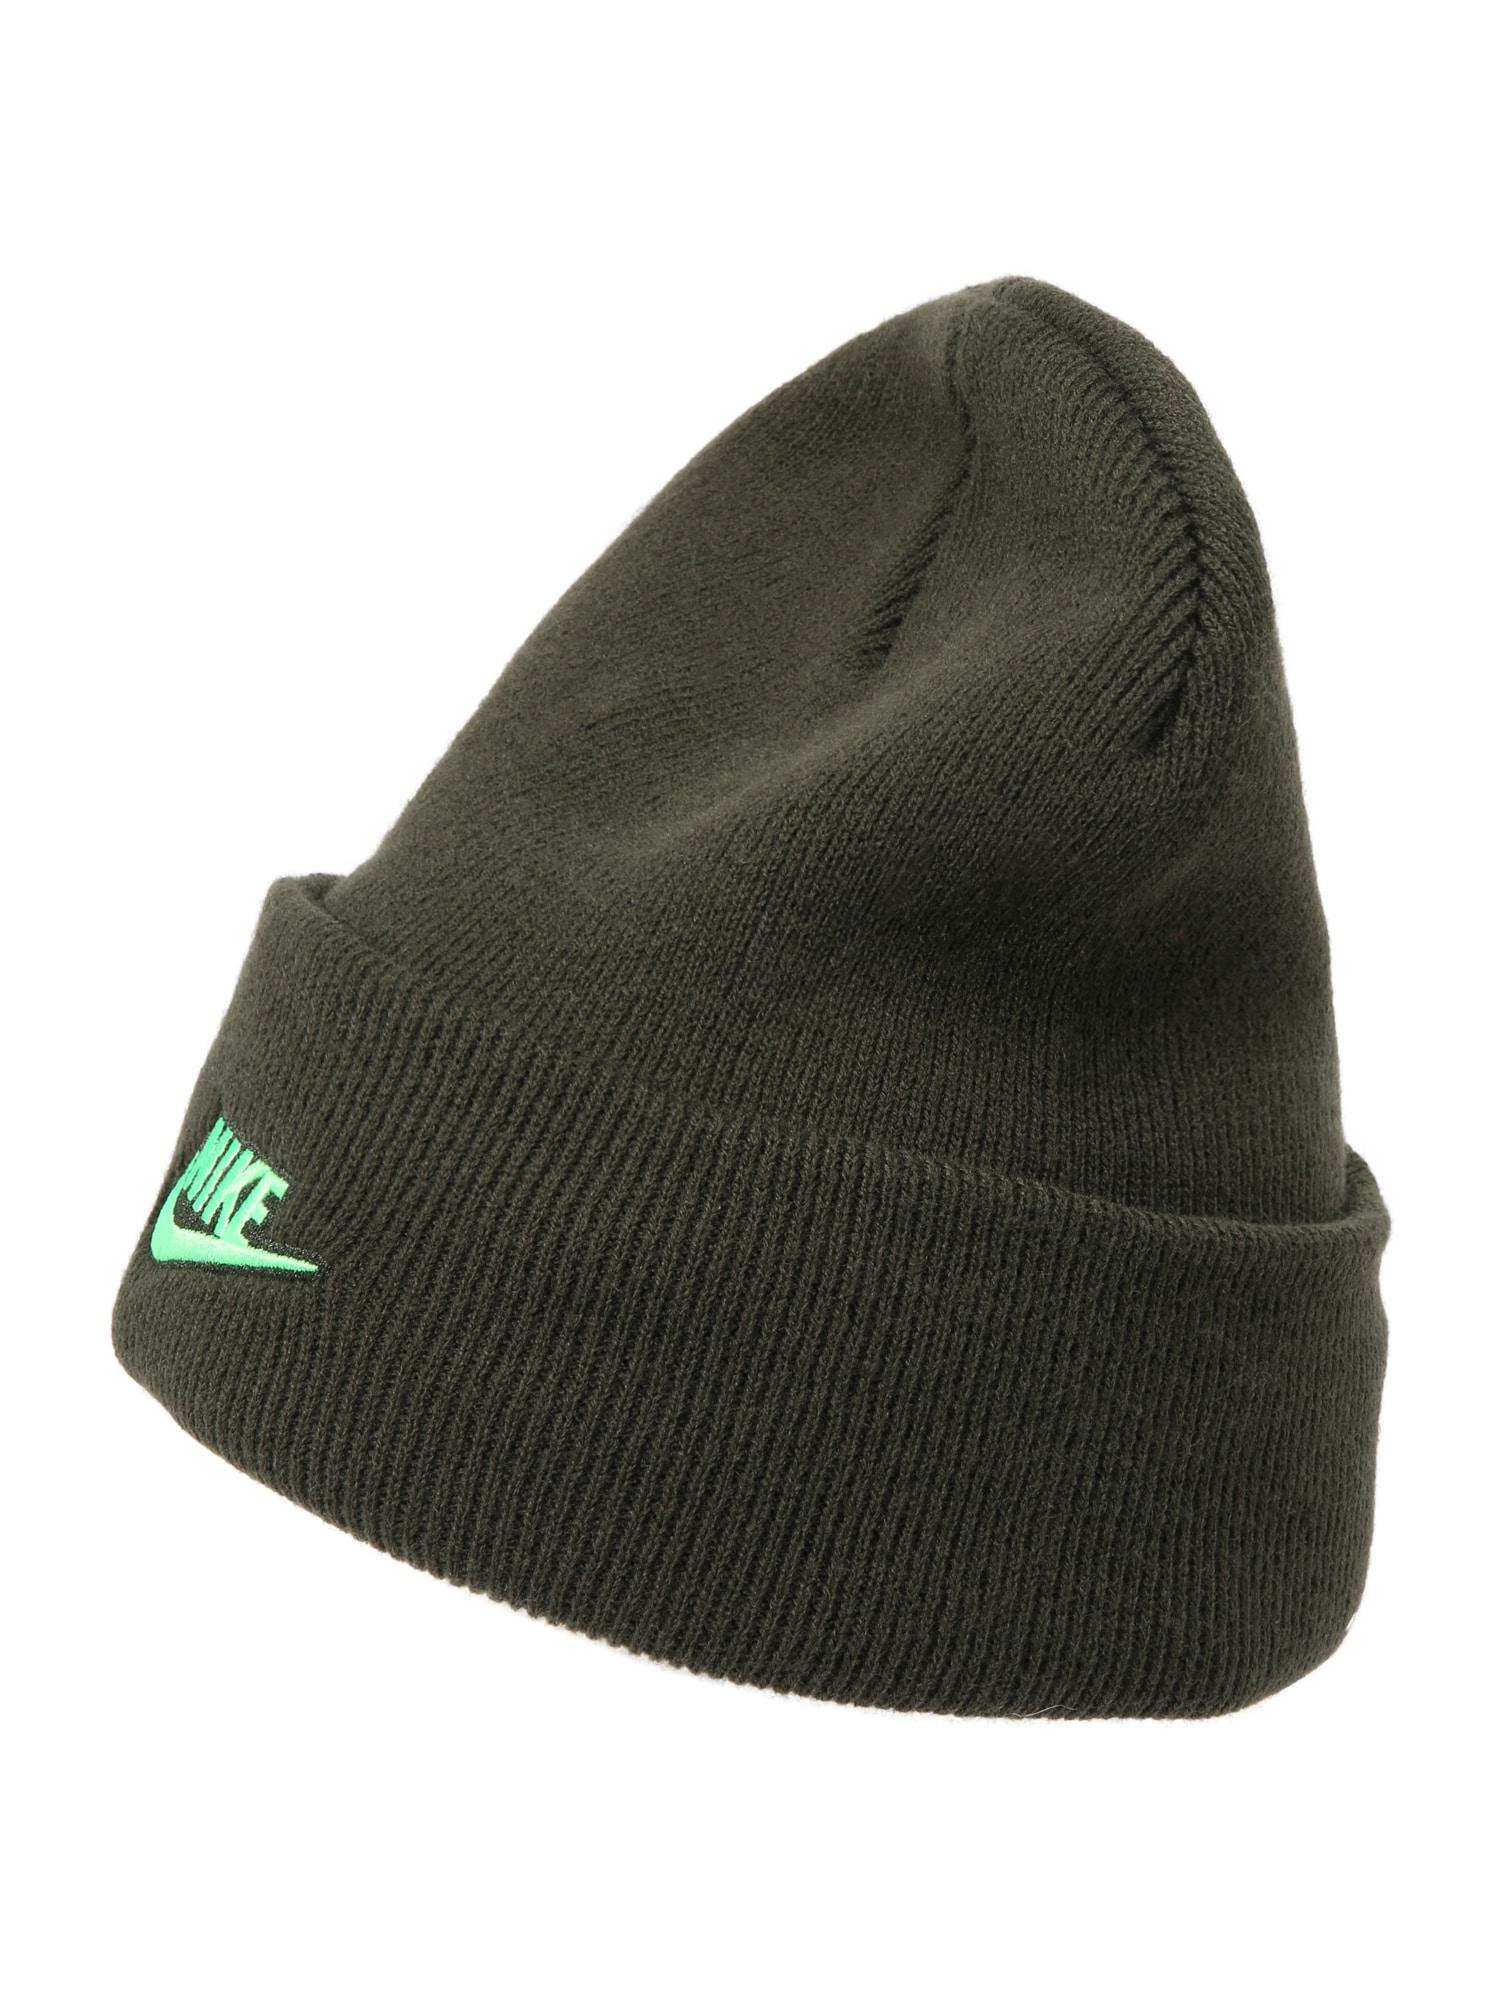 Mütze 'U NSW CUFFED BEANIE UTILITY' | Accessoires > Mützen | Dunkelgrün | Nike Sportswear